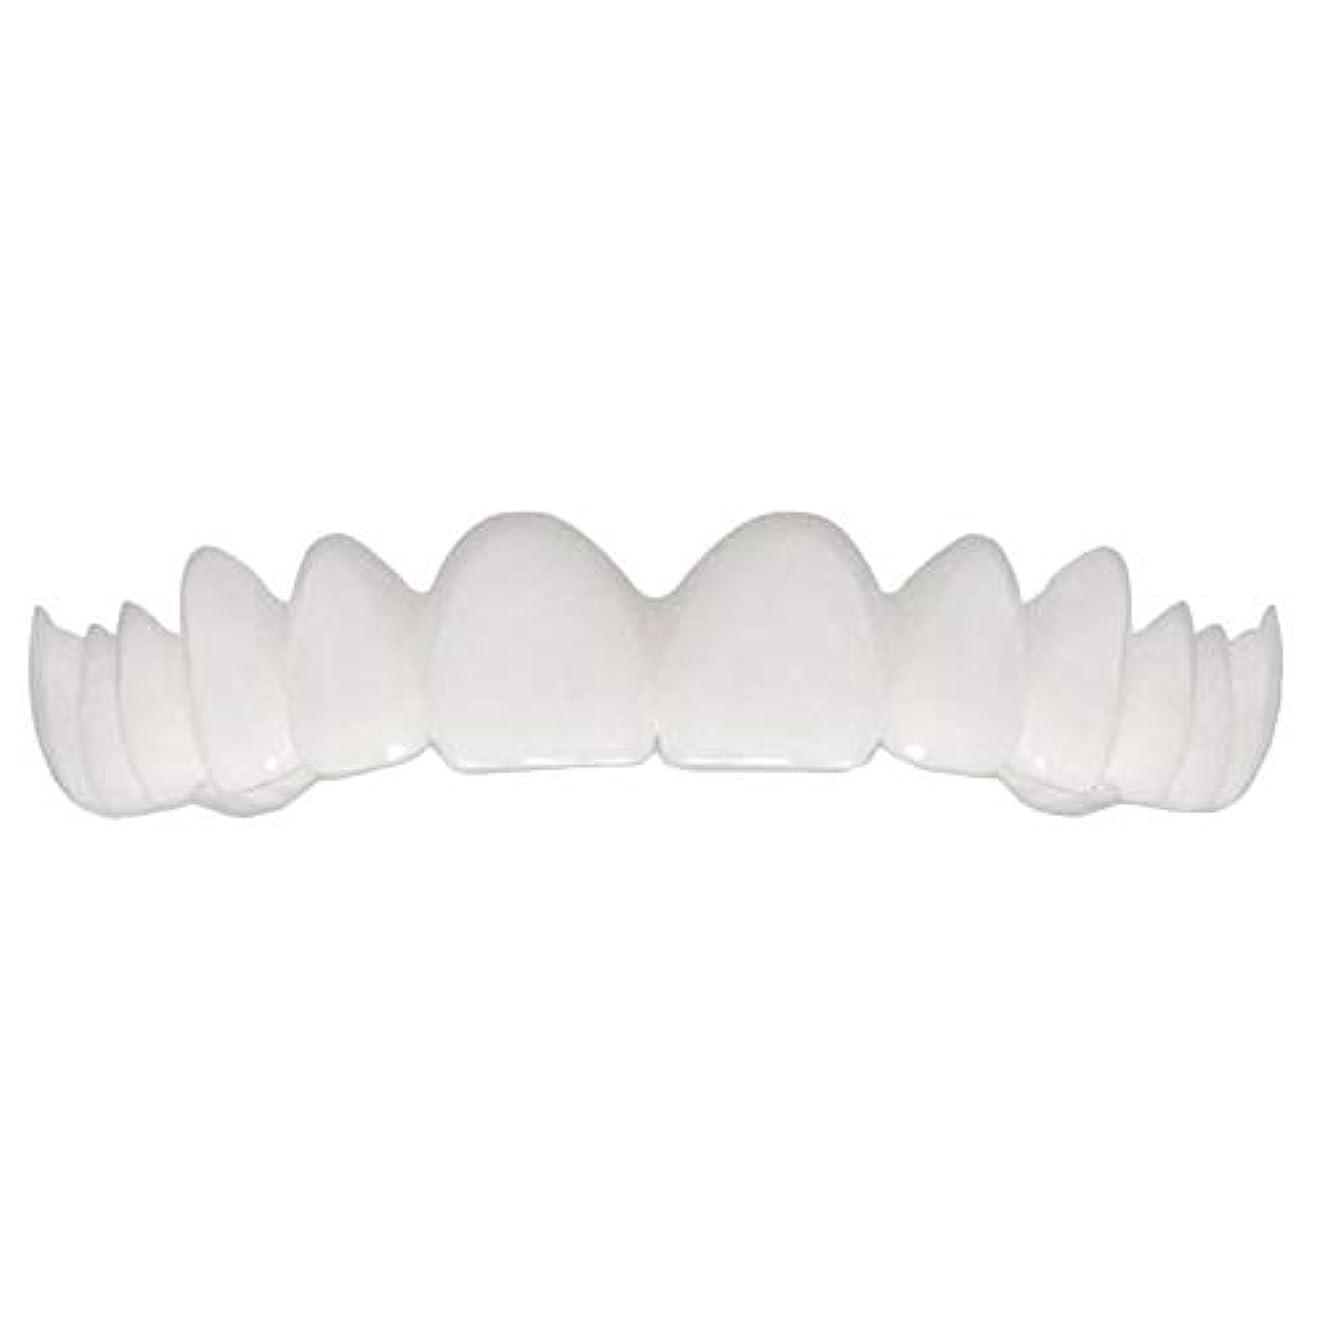 ダブル完璧なここにユニセックスシリコン模擬義歯、ホワイトニングフィット義歯(2pcs),Upper